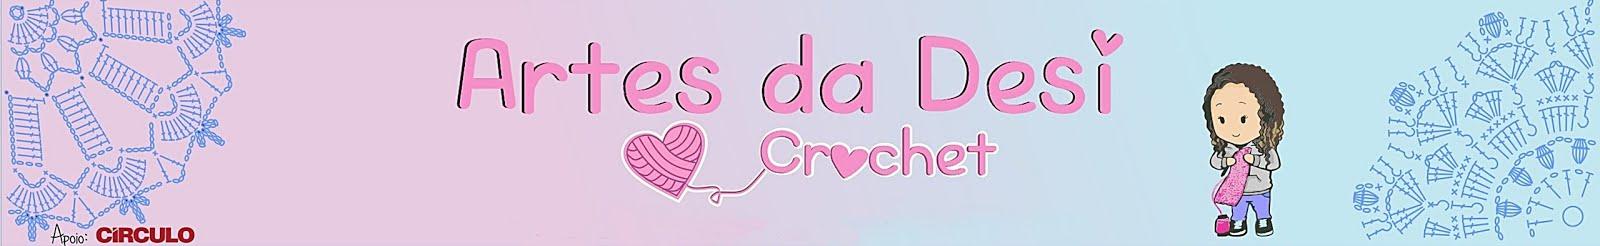 Artes da Desi Crochet